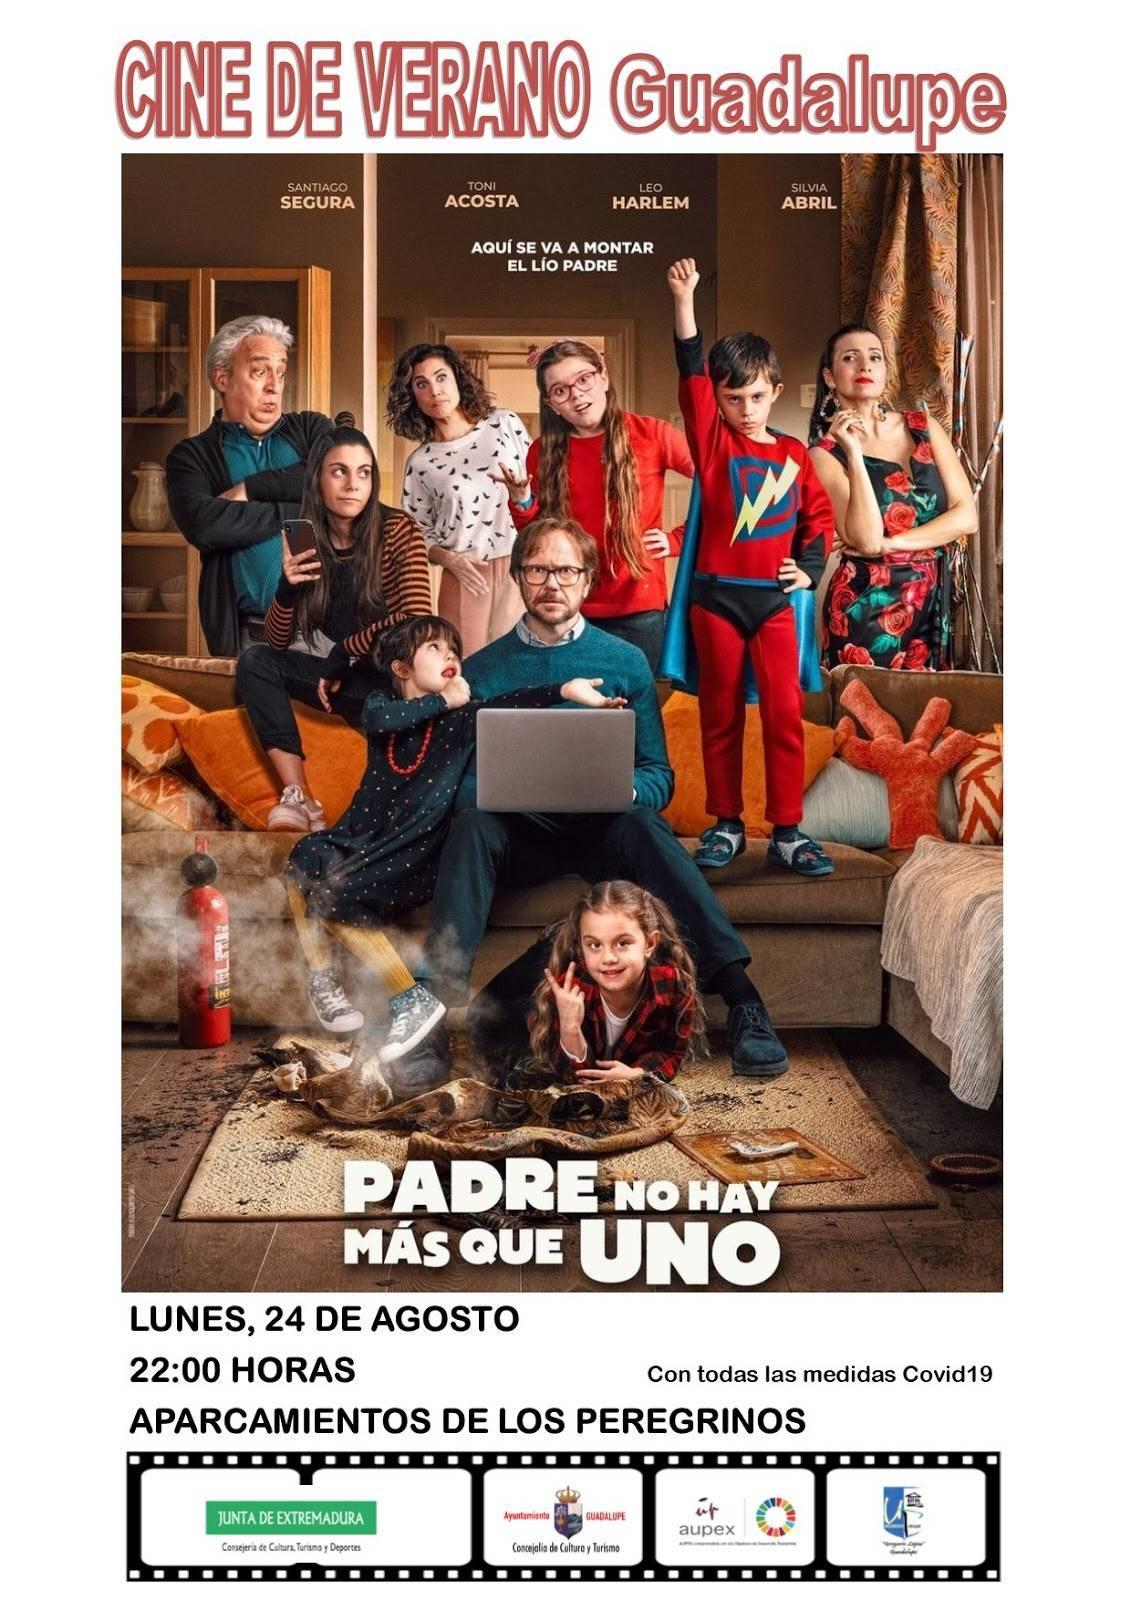 Cine de verano 2020 - Guadalupe (Cáceres) 4